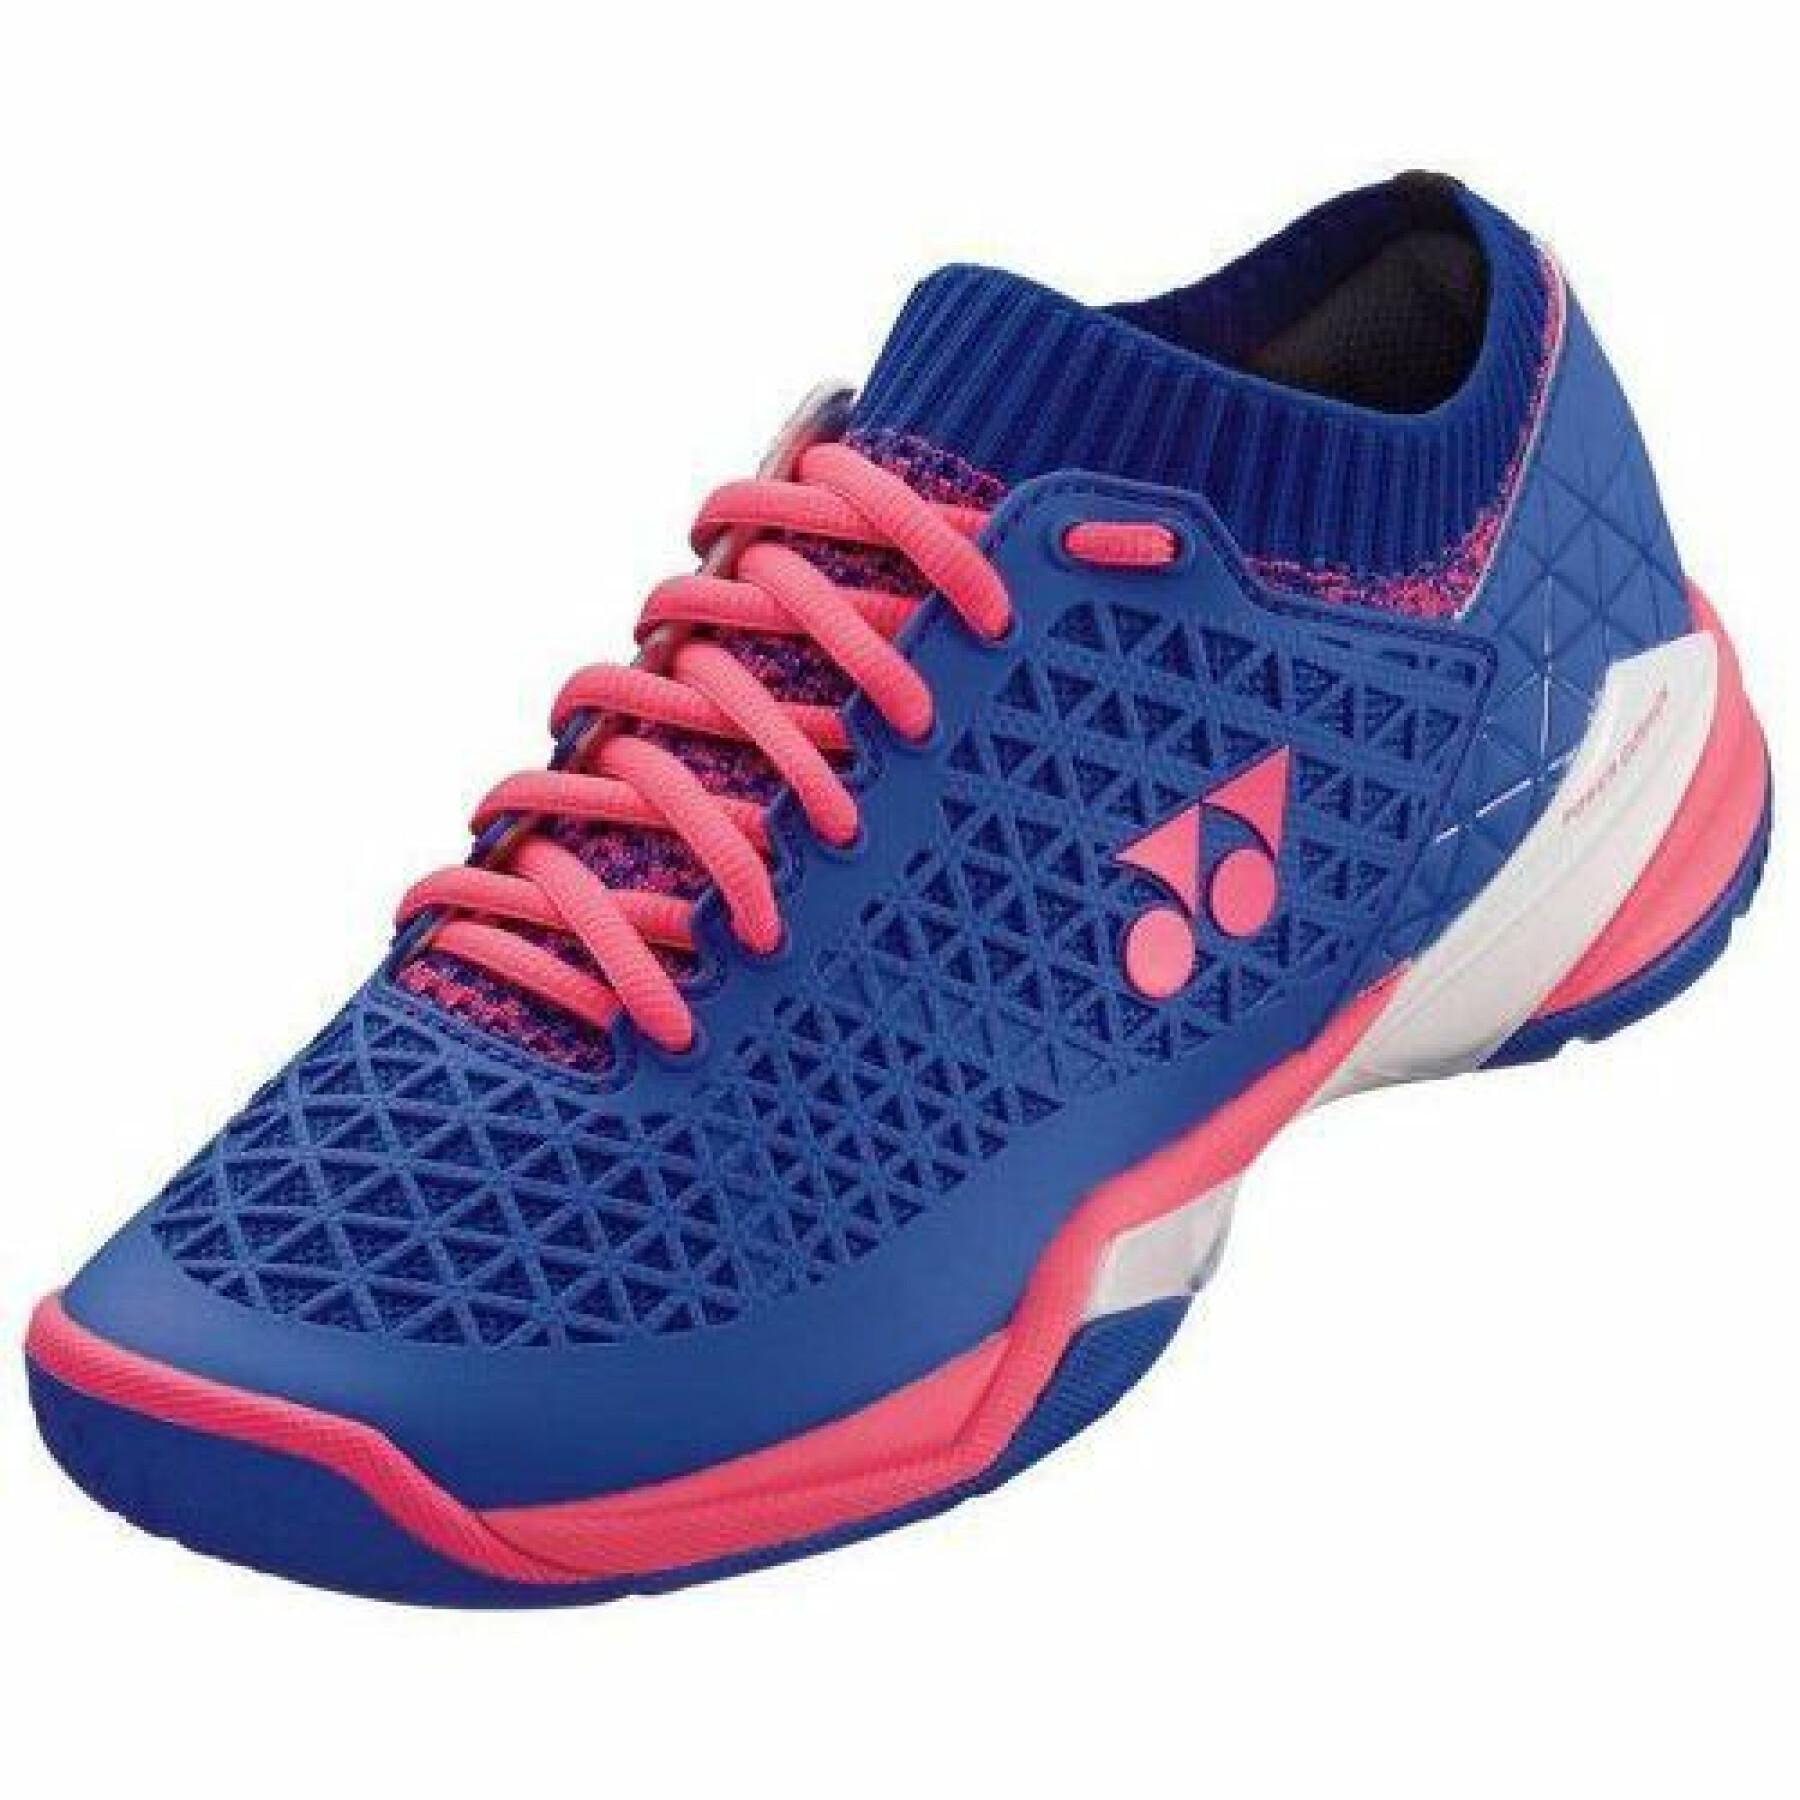 Women's shoes Yonex Power Cushion Eclipsion Z